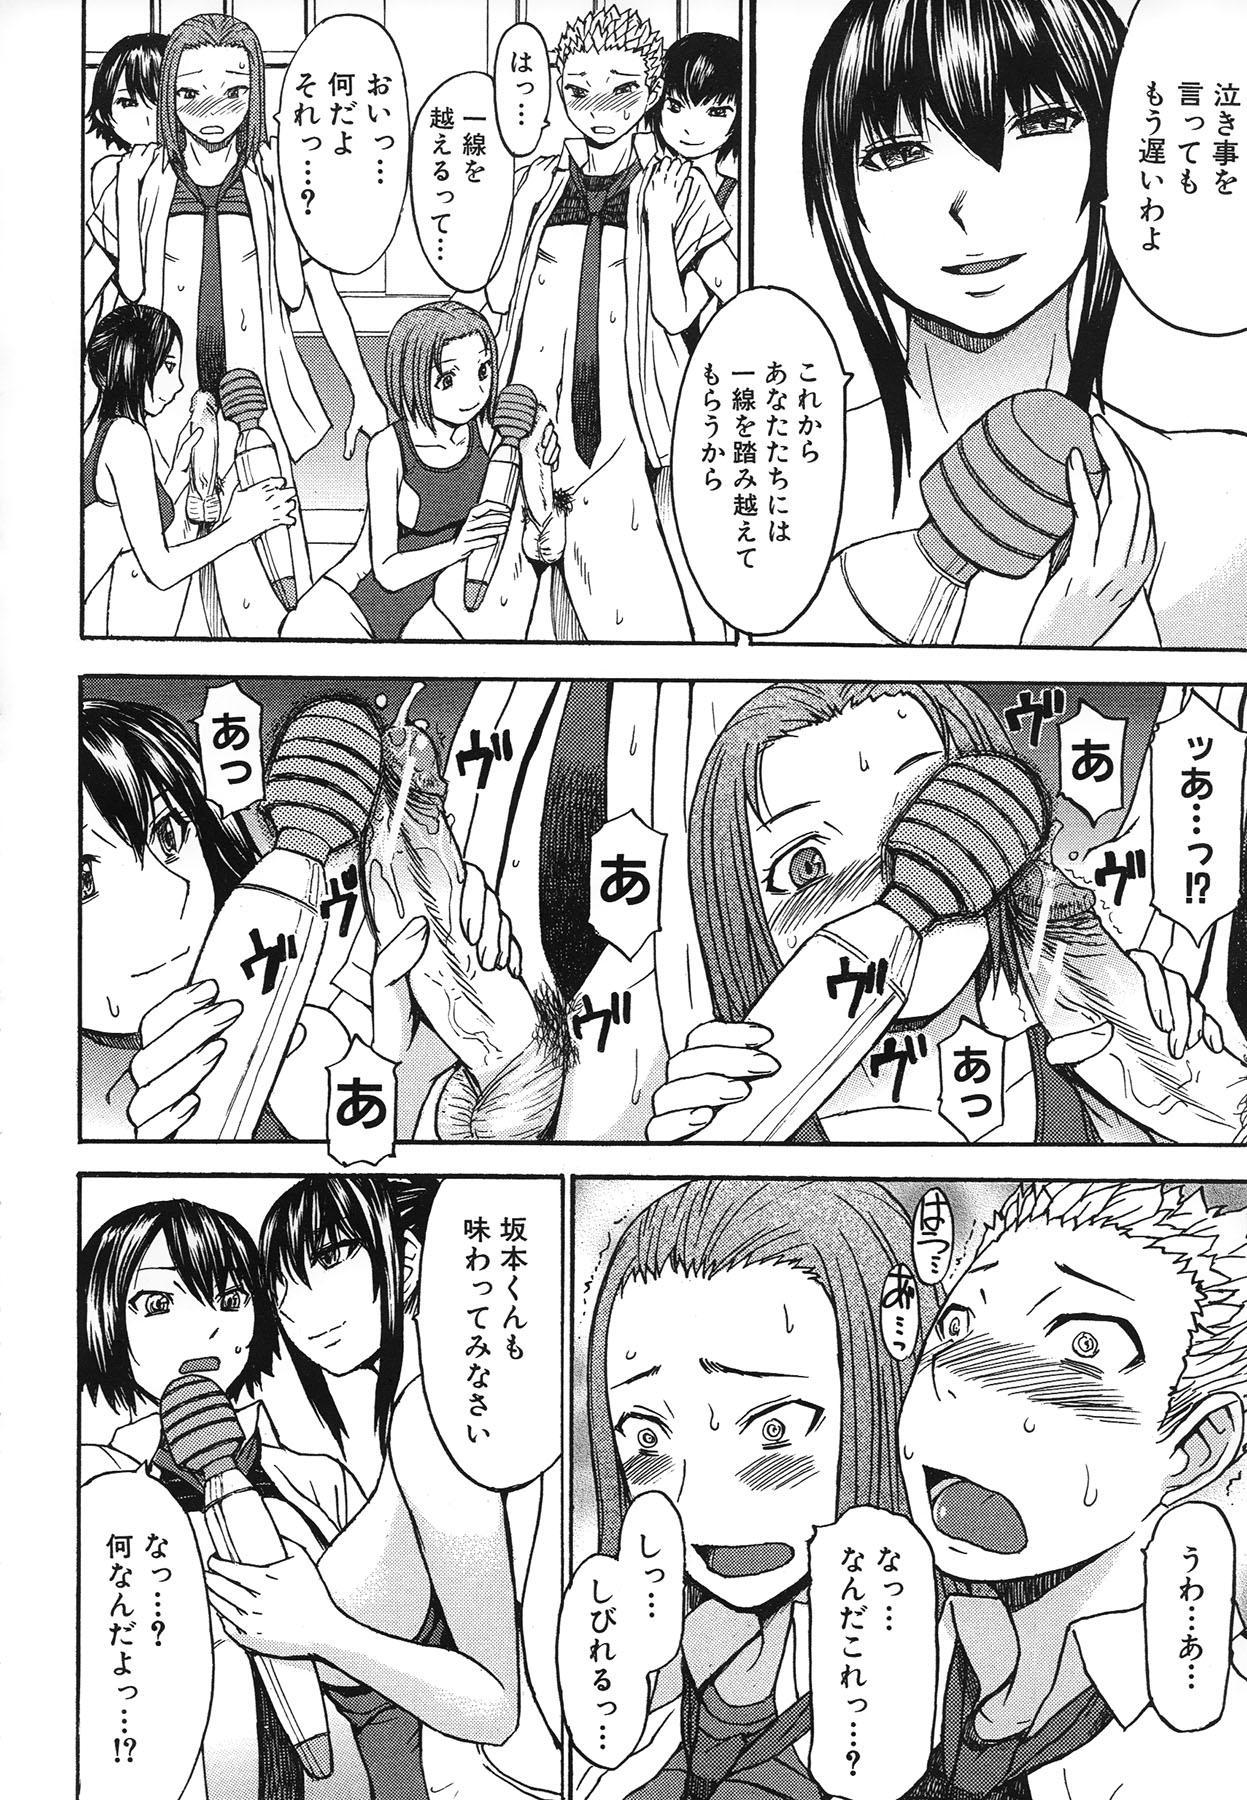 Ashigami 115